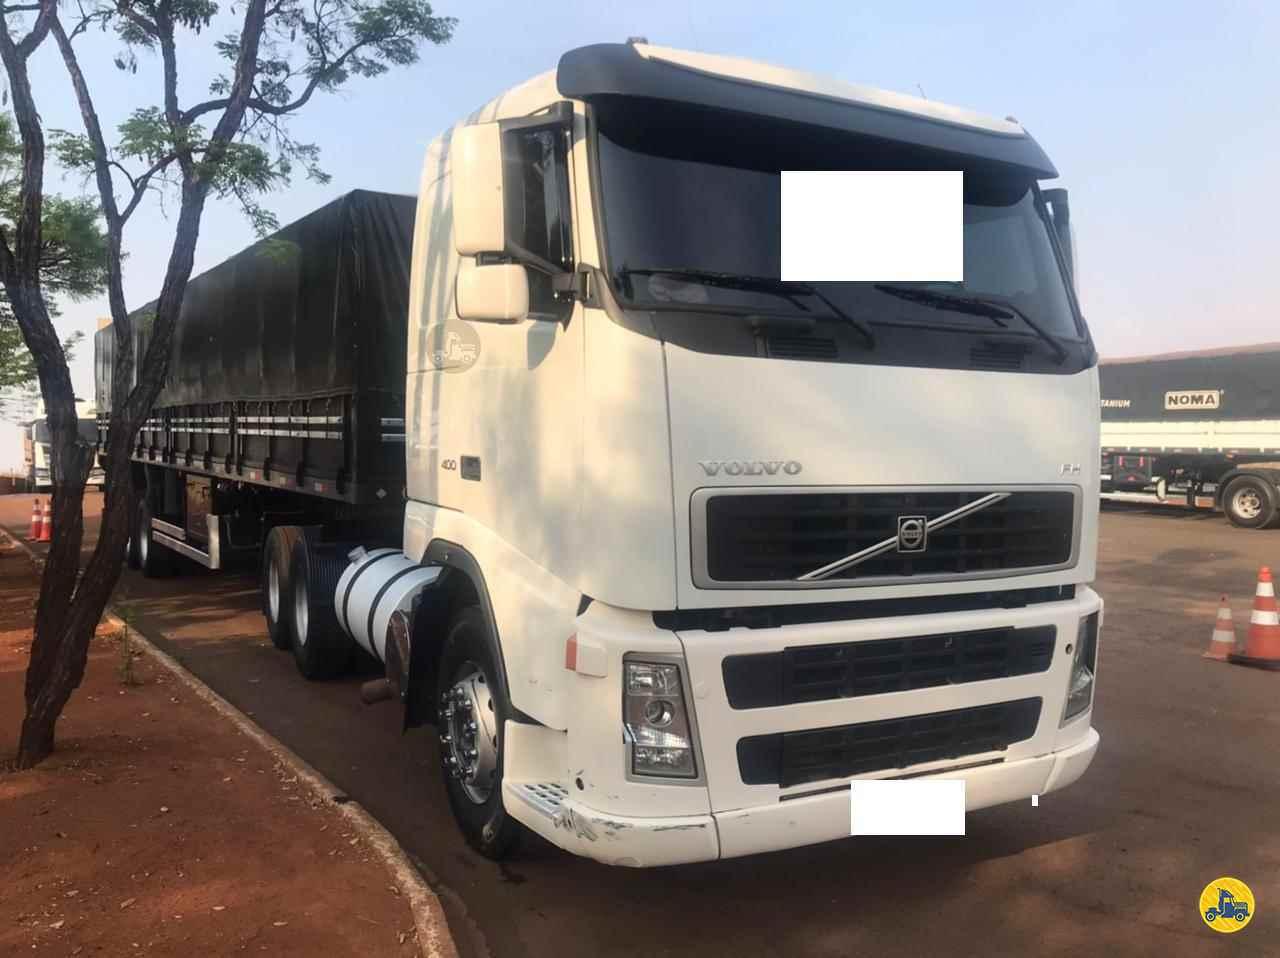 CAMINHAO VOLVO VOLVO FH 400 Graneleiro Truck 6x2 RB Caminhões & Financiamentos ARAGUARI MINAS GERAIS MG